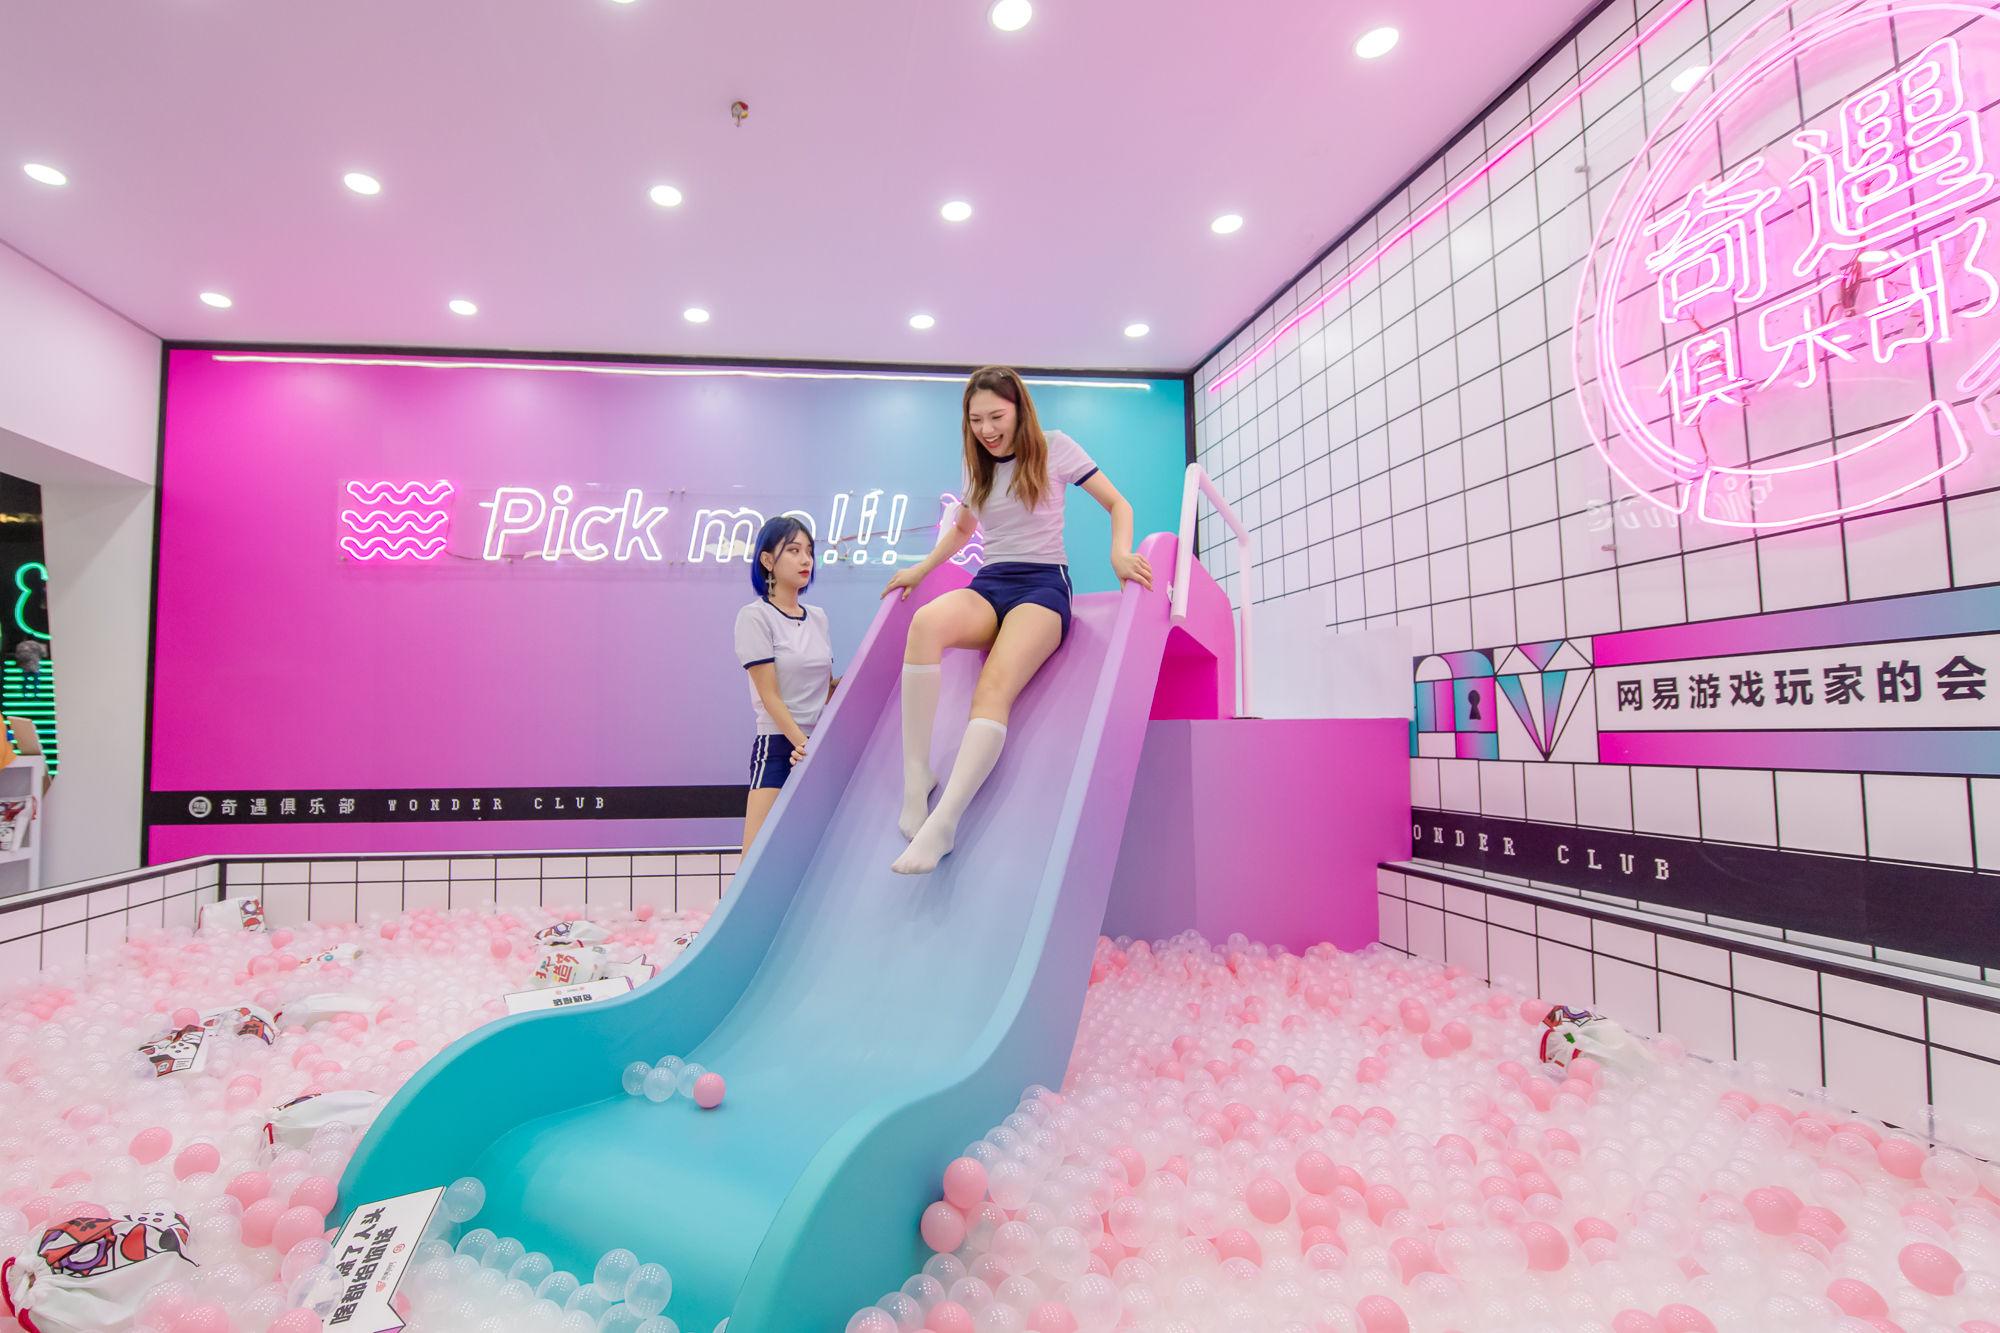 CJ2018网易奇遇俱乐部福利泳池趴现场图集